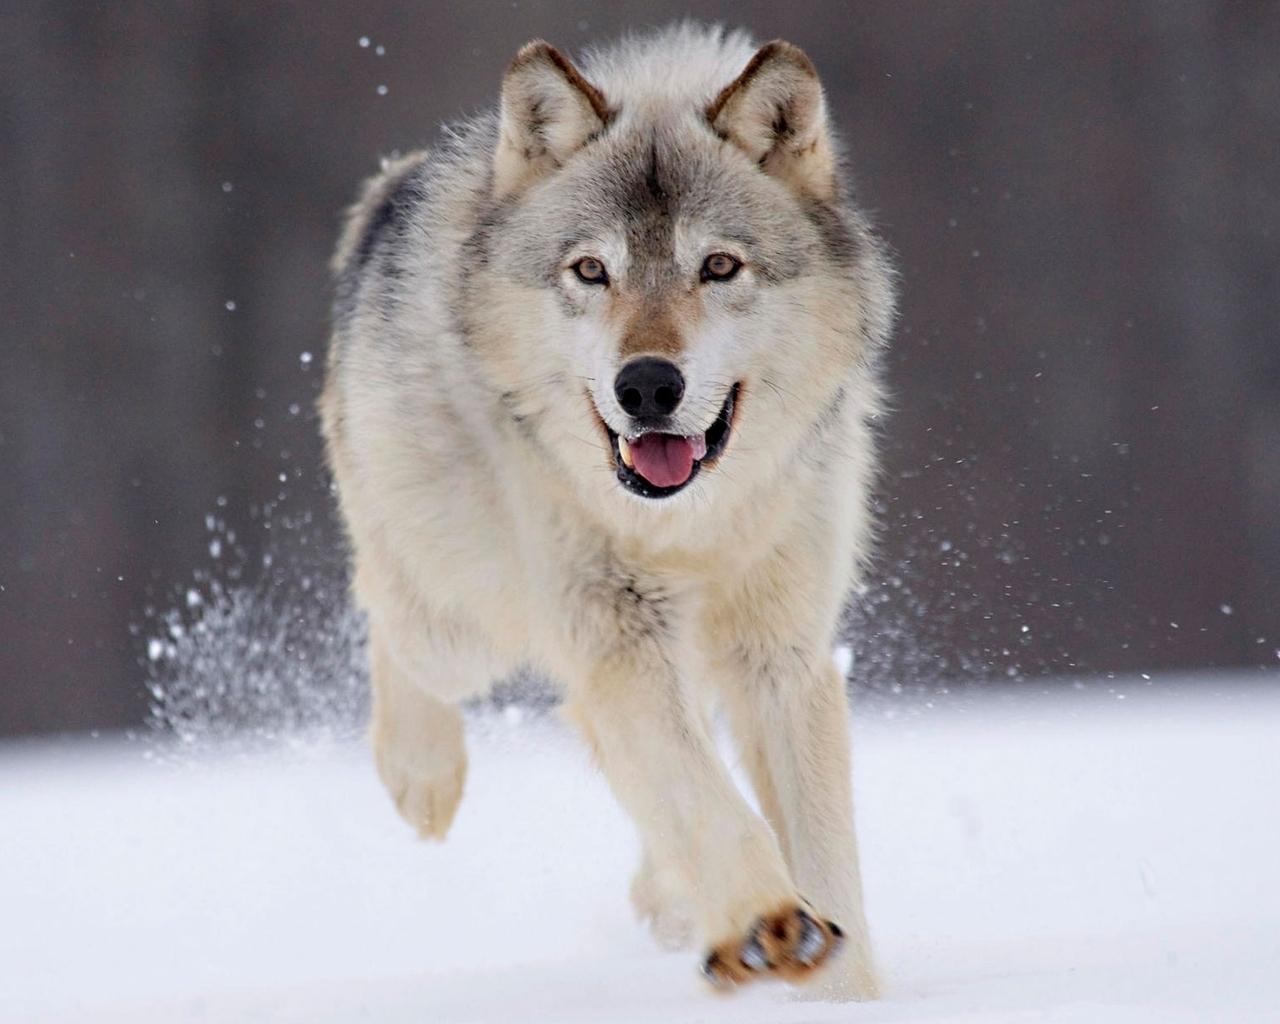 22316 Hintergrundbild herunterladen Wölfe, Tiere - Bildschirmschoner und Bilder kostenlos